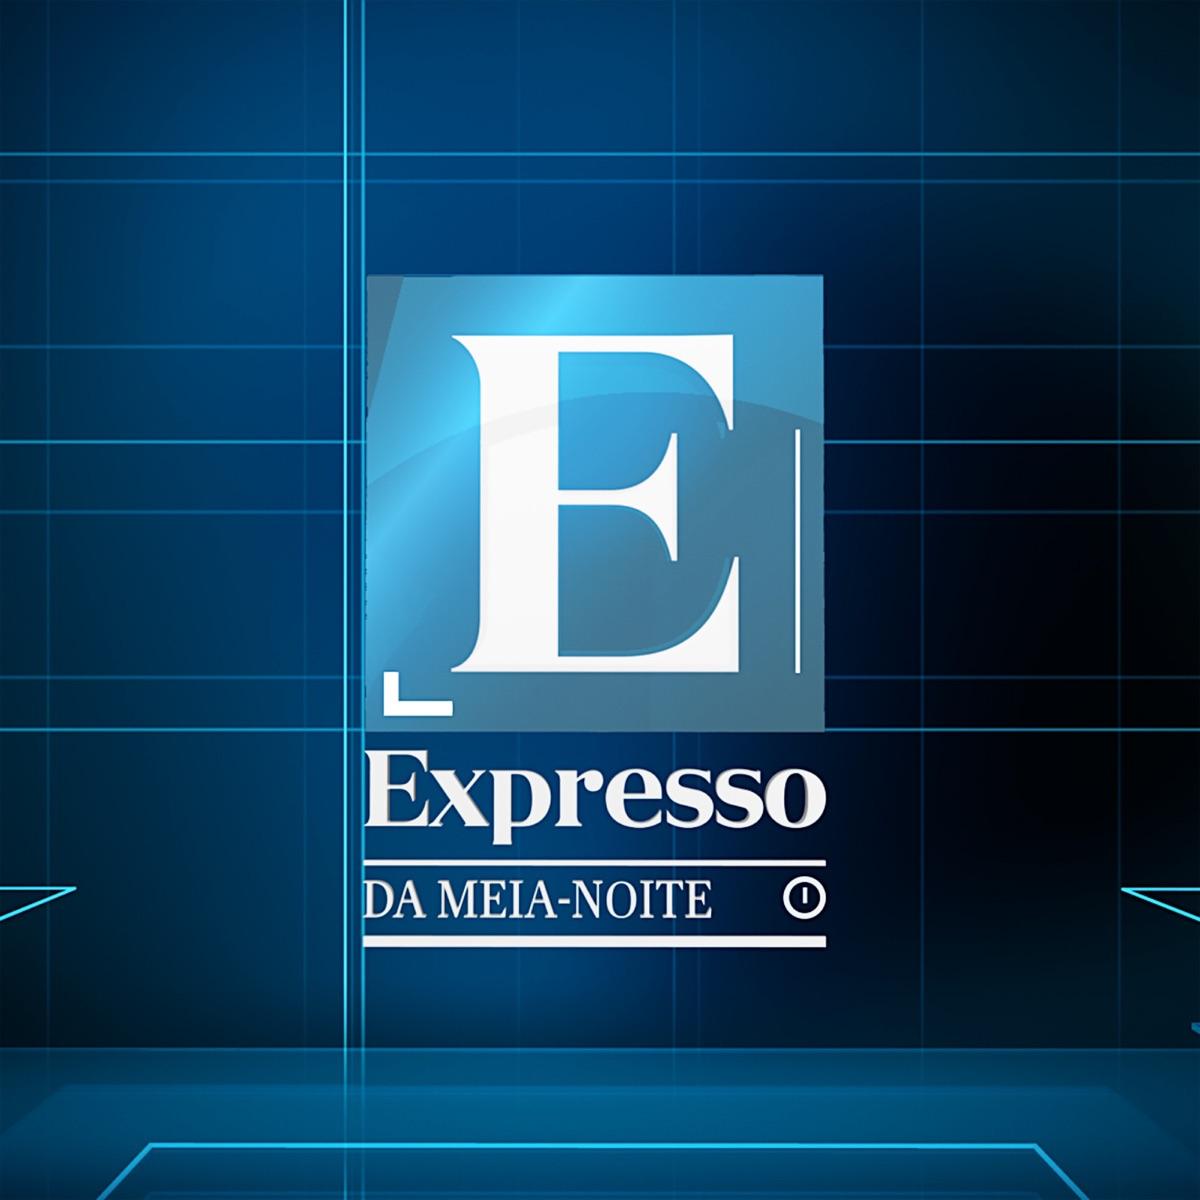 Expresso - Expresso da Meia-Noite